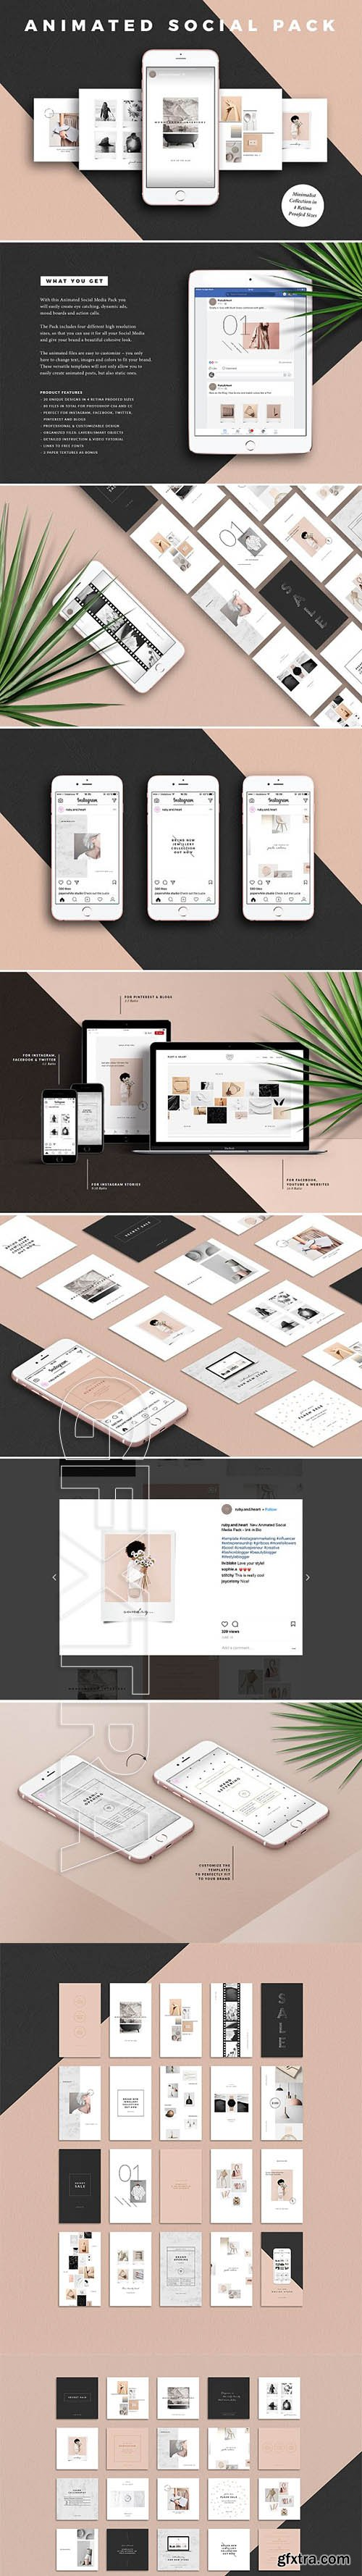 CreativeMarket - ANIMATED Minimalist Social Media Kit 2684310